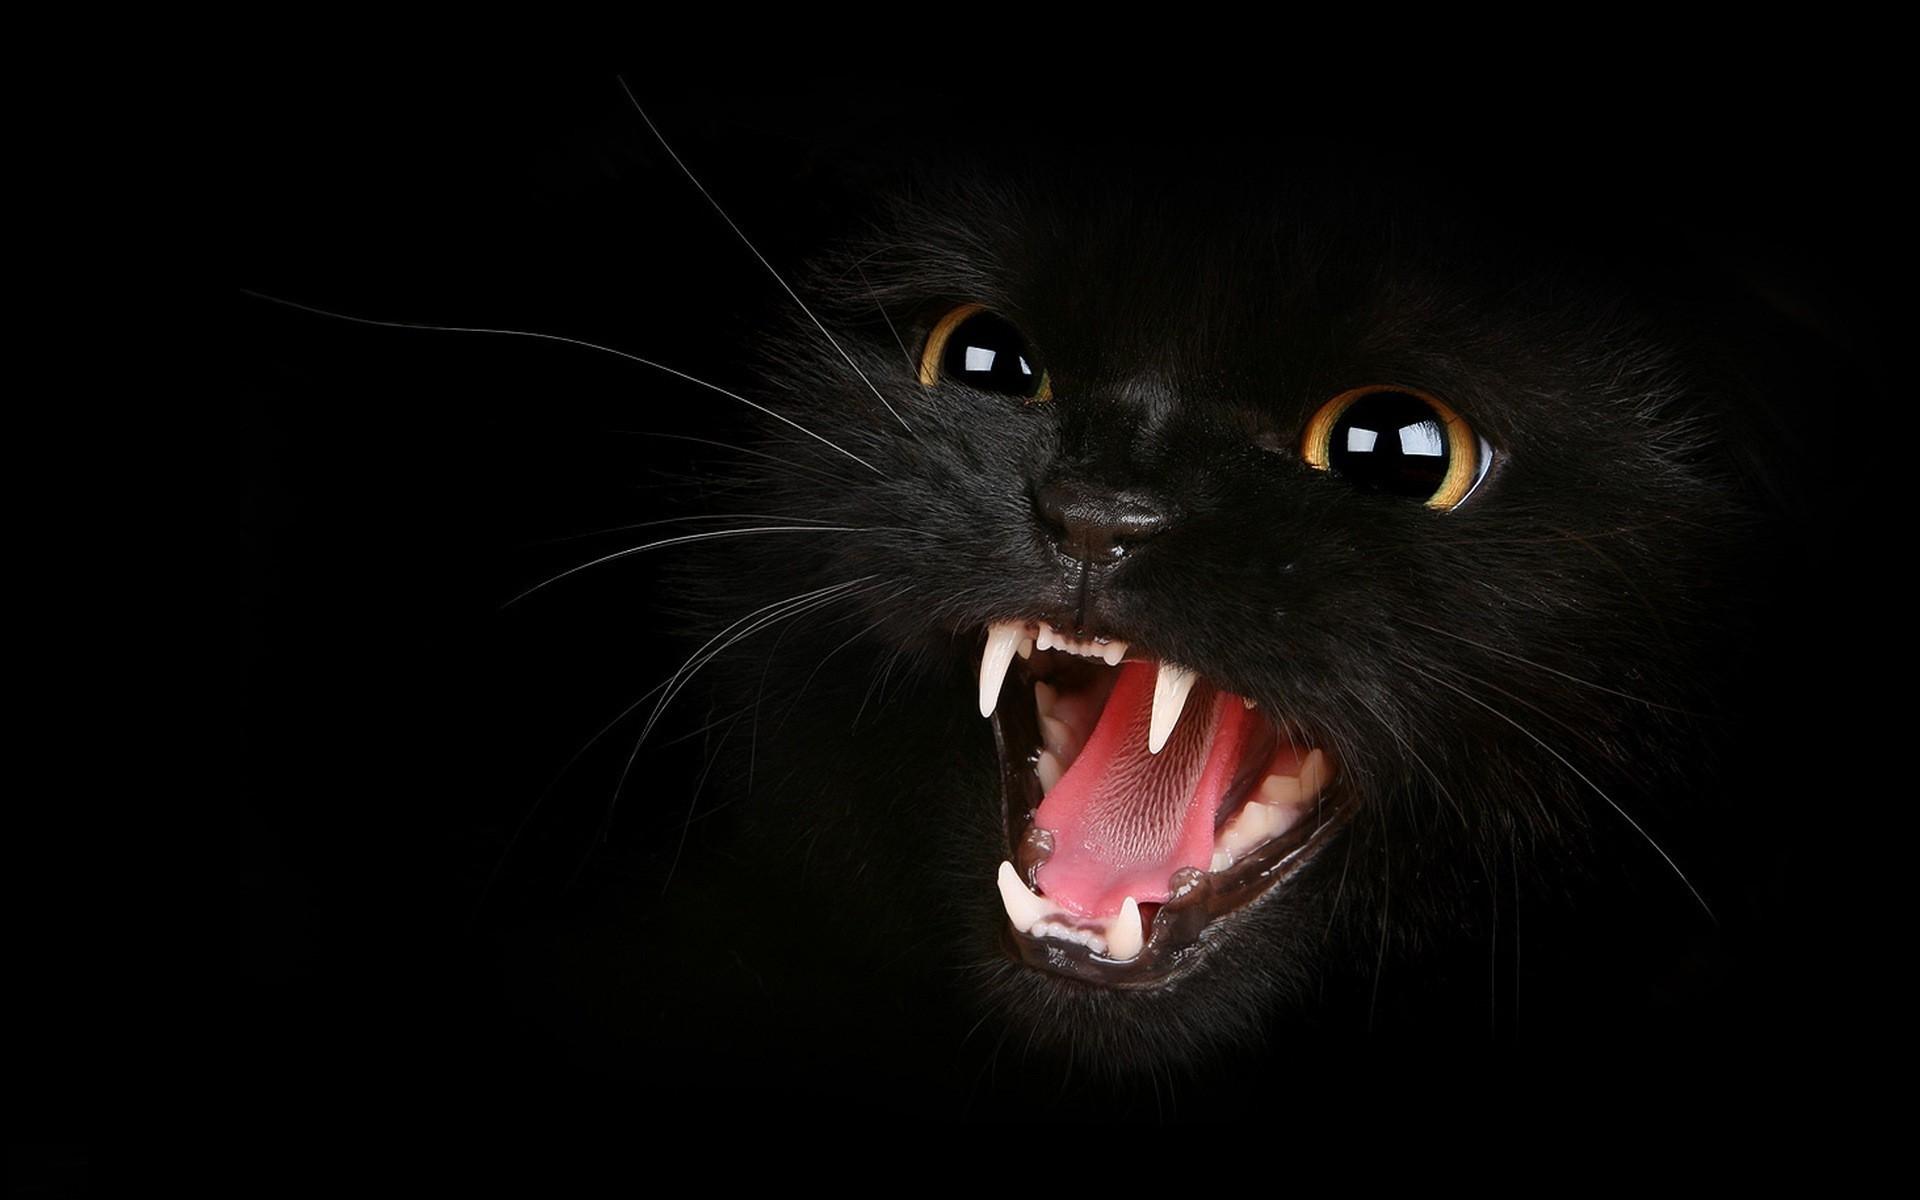 обои на рабочий стол глаза кошки на темном фоне № 237977 бесплатно